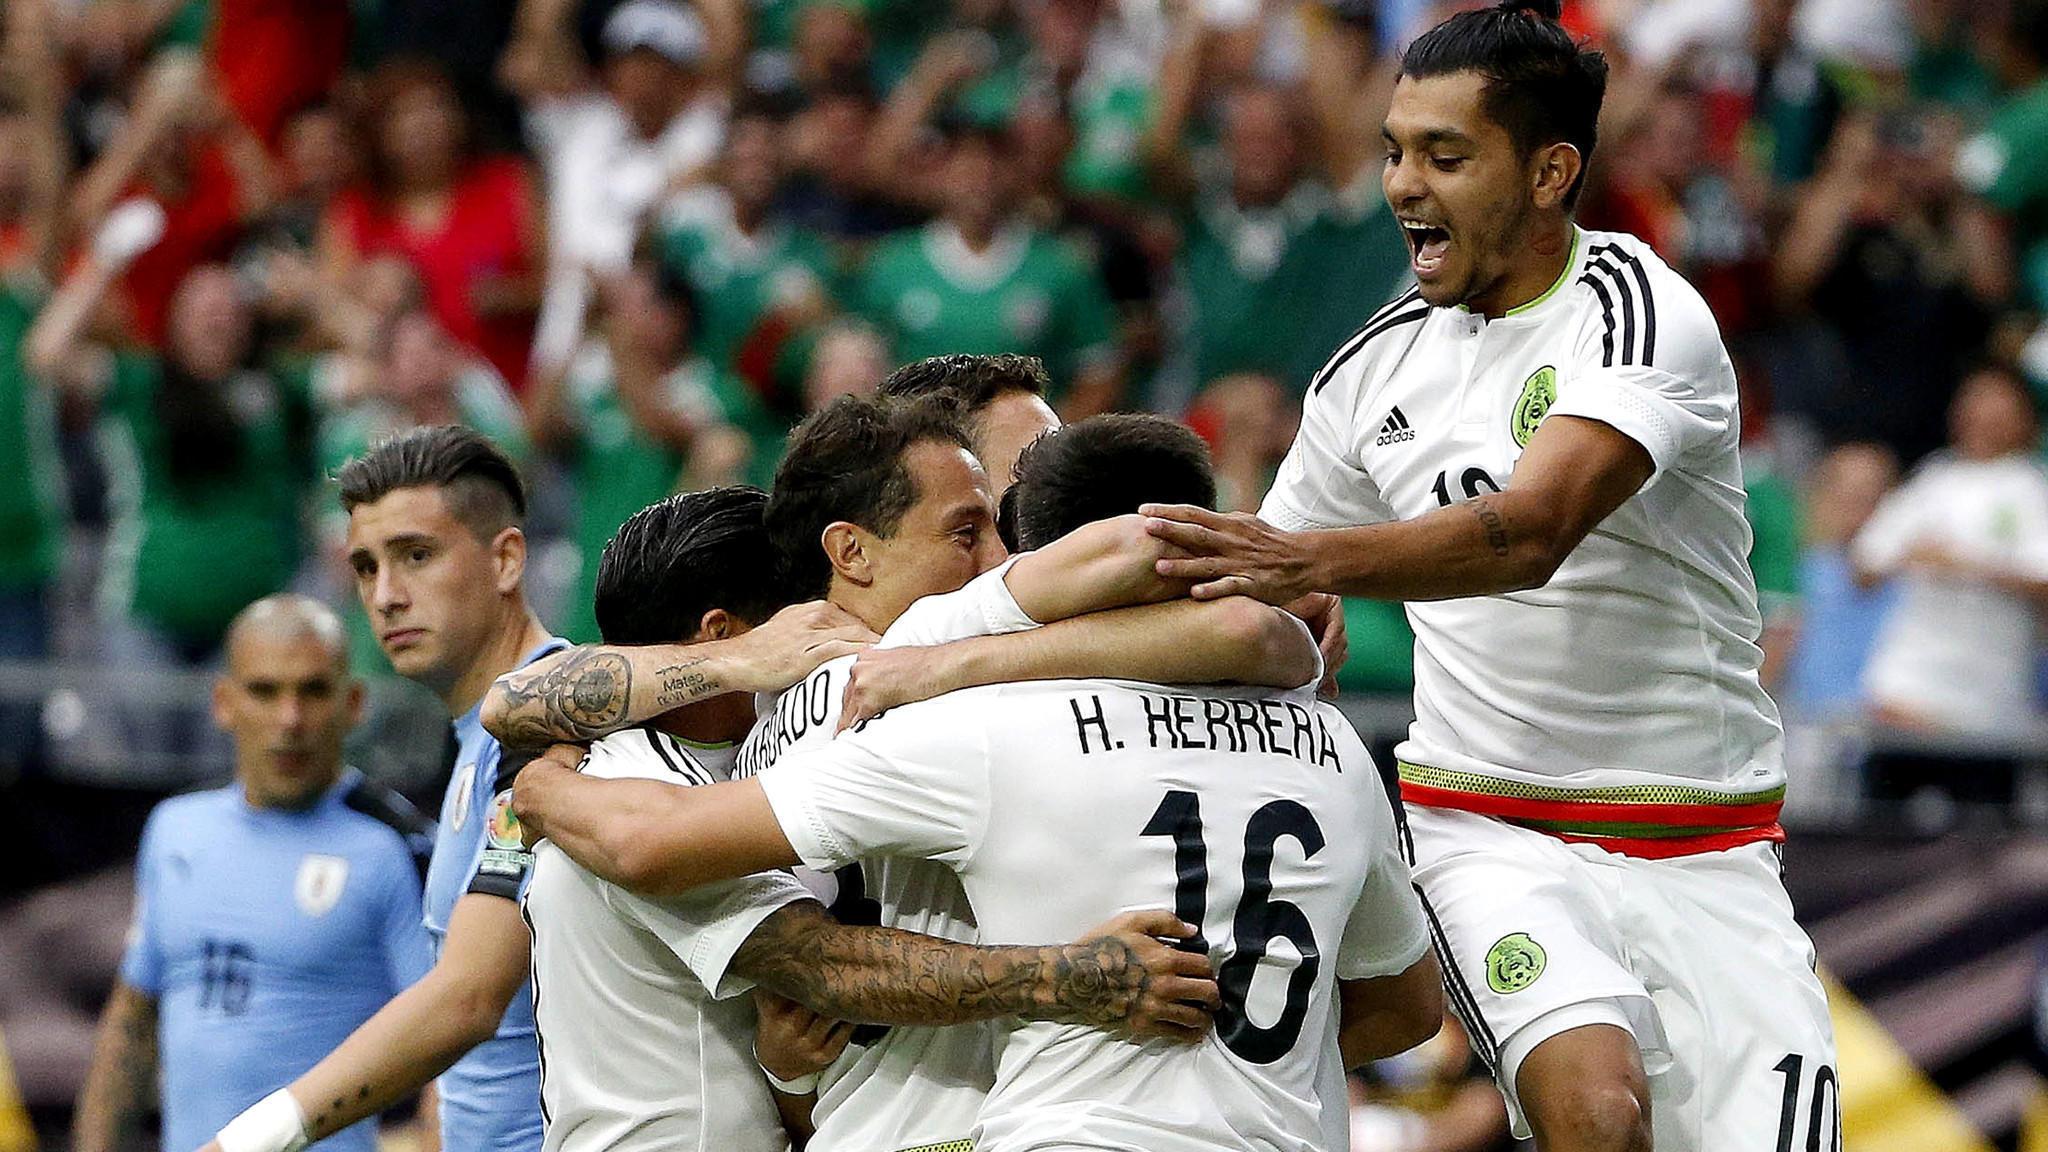 فيديو: المكسيك تحقق فوزاً متأخراً على الأوروجواي بثلاثية وتتصدر مجموعتها